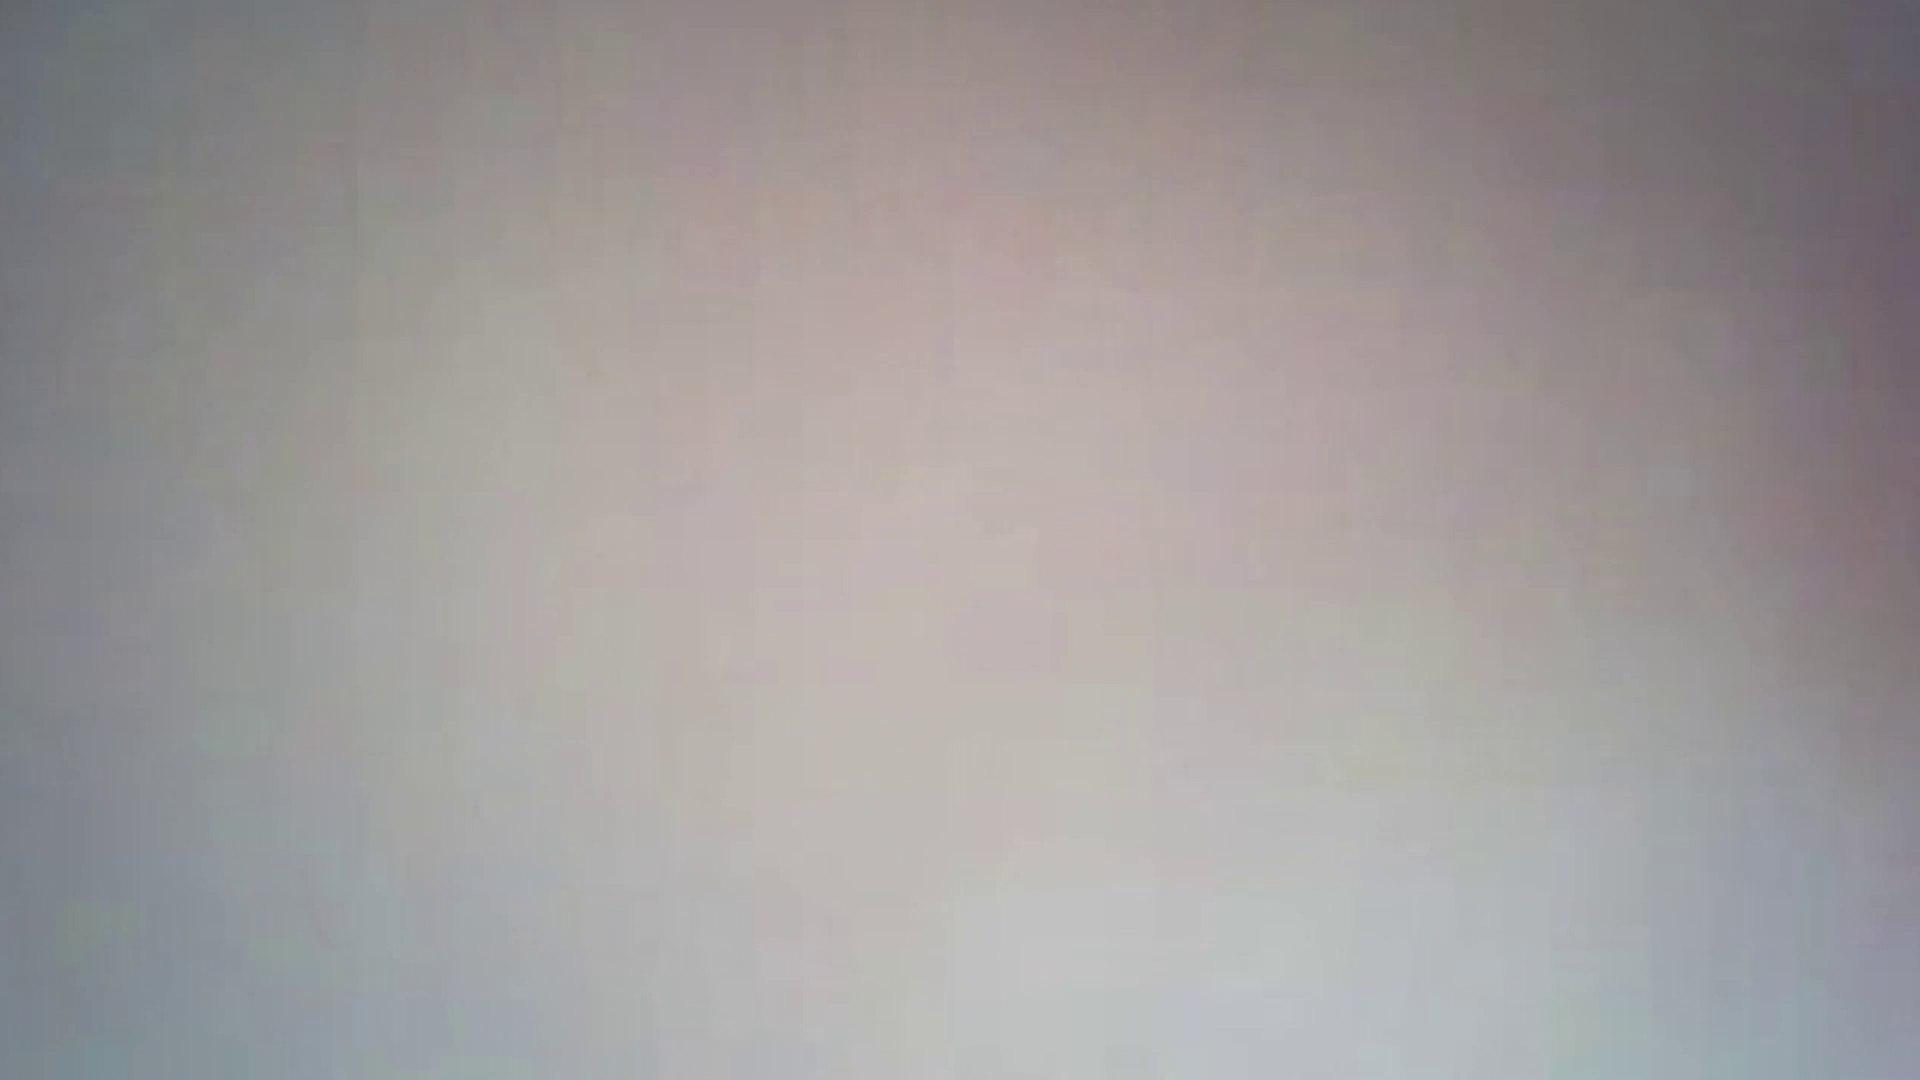 魅せろ!エロチャット!Vol.04 エロエロ ゲイセックス画像 75pic 9